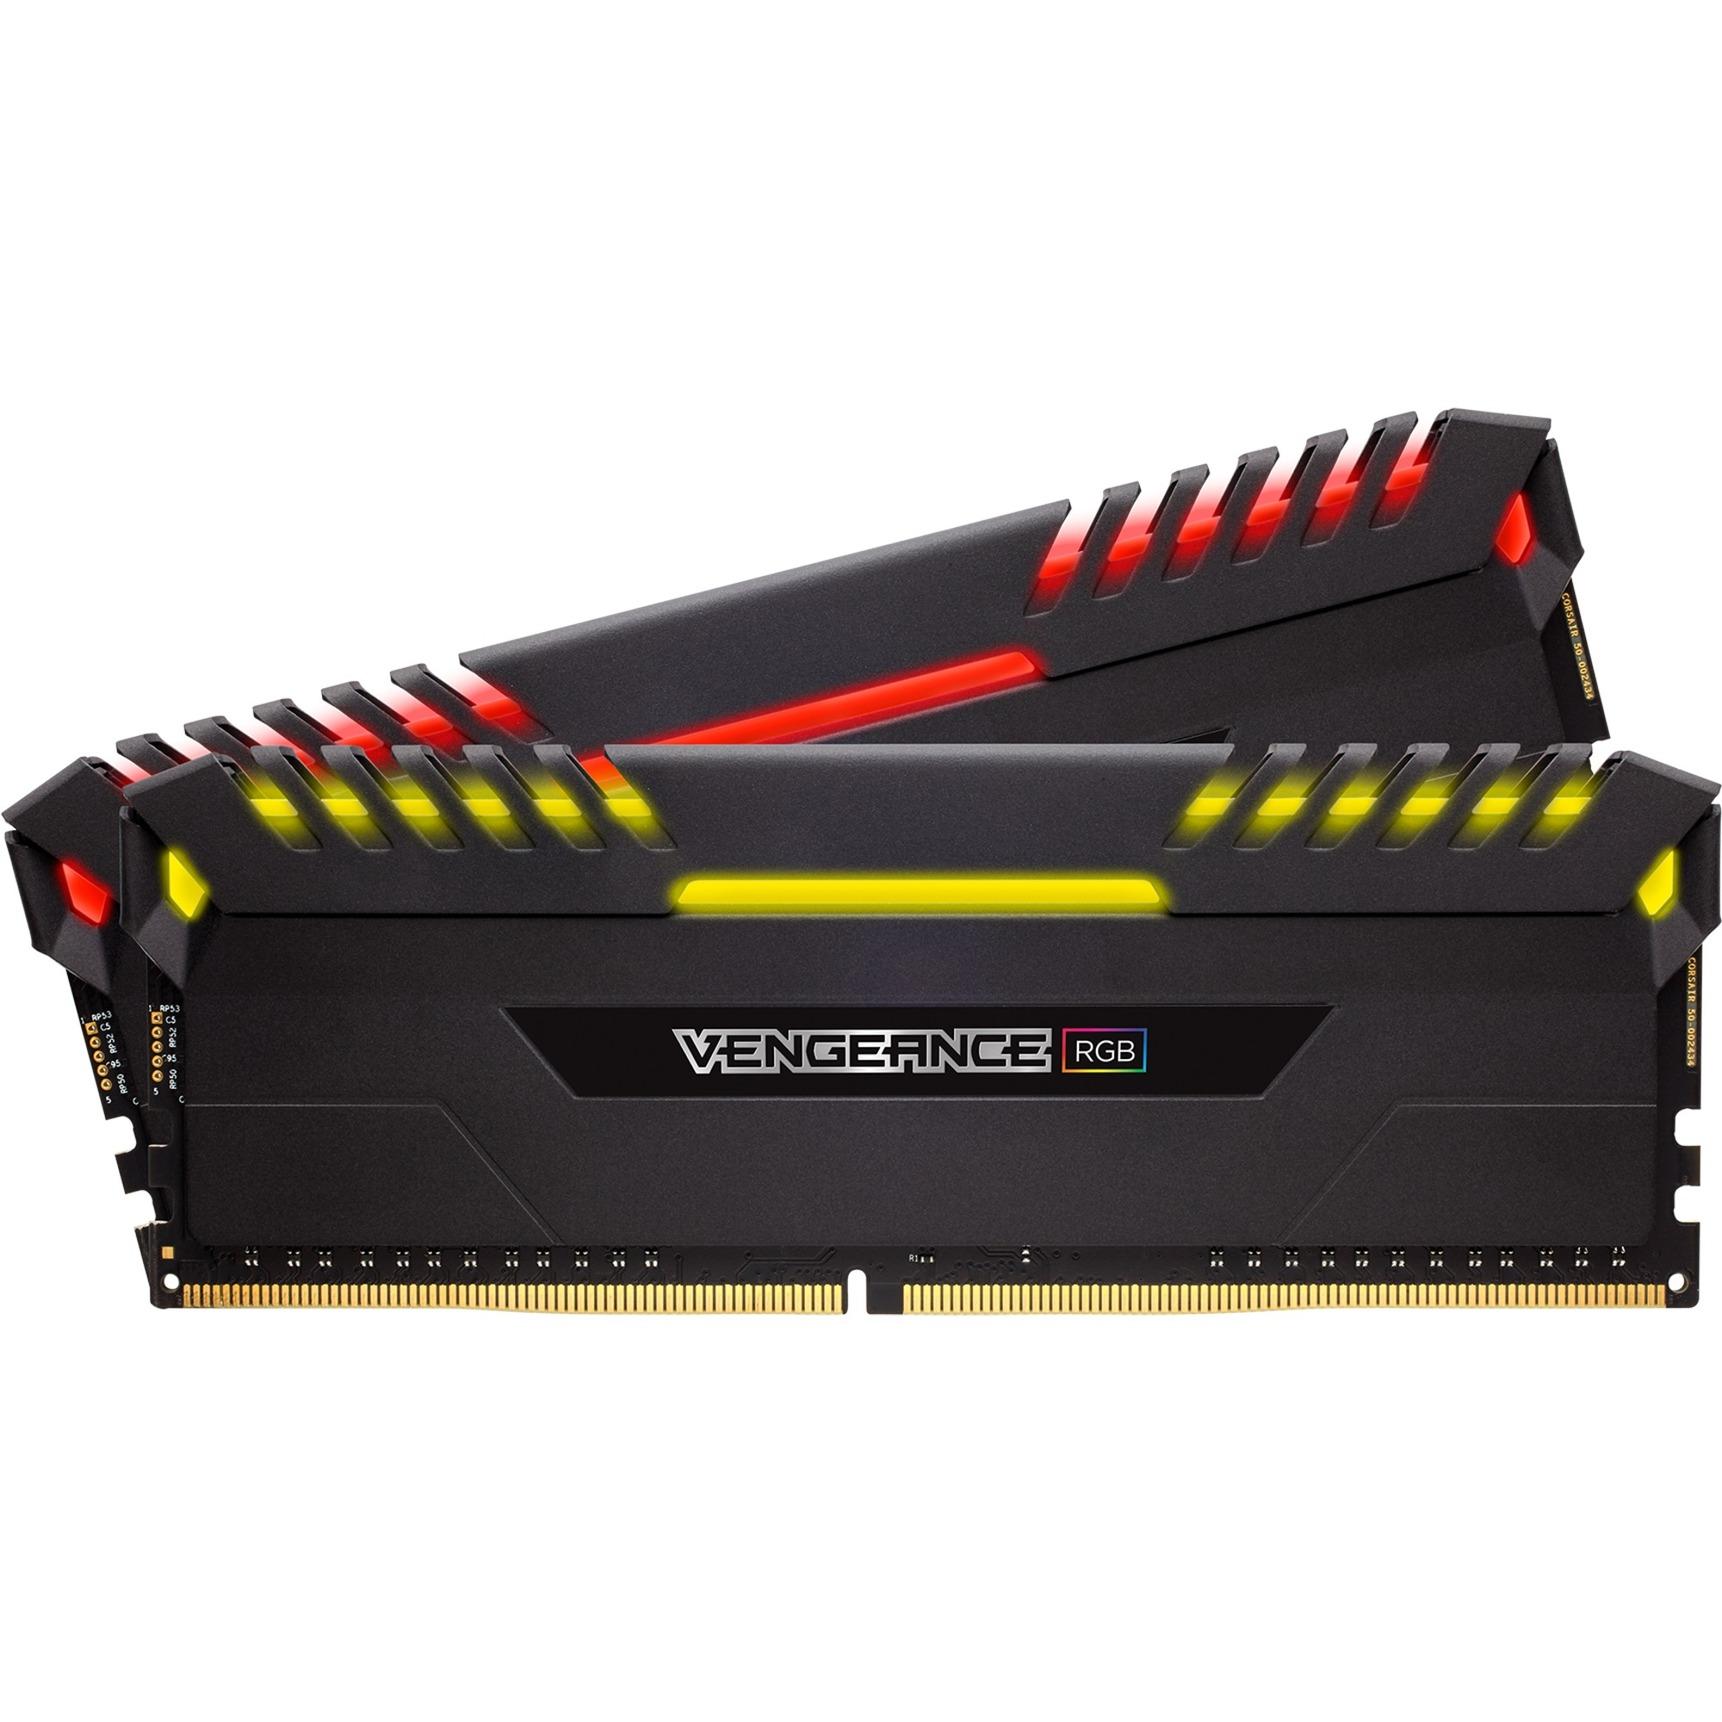 Vengeance 32GB, DDR4, 3000MHz 32Go DDR4 3000MHz module de mémoire